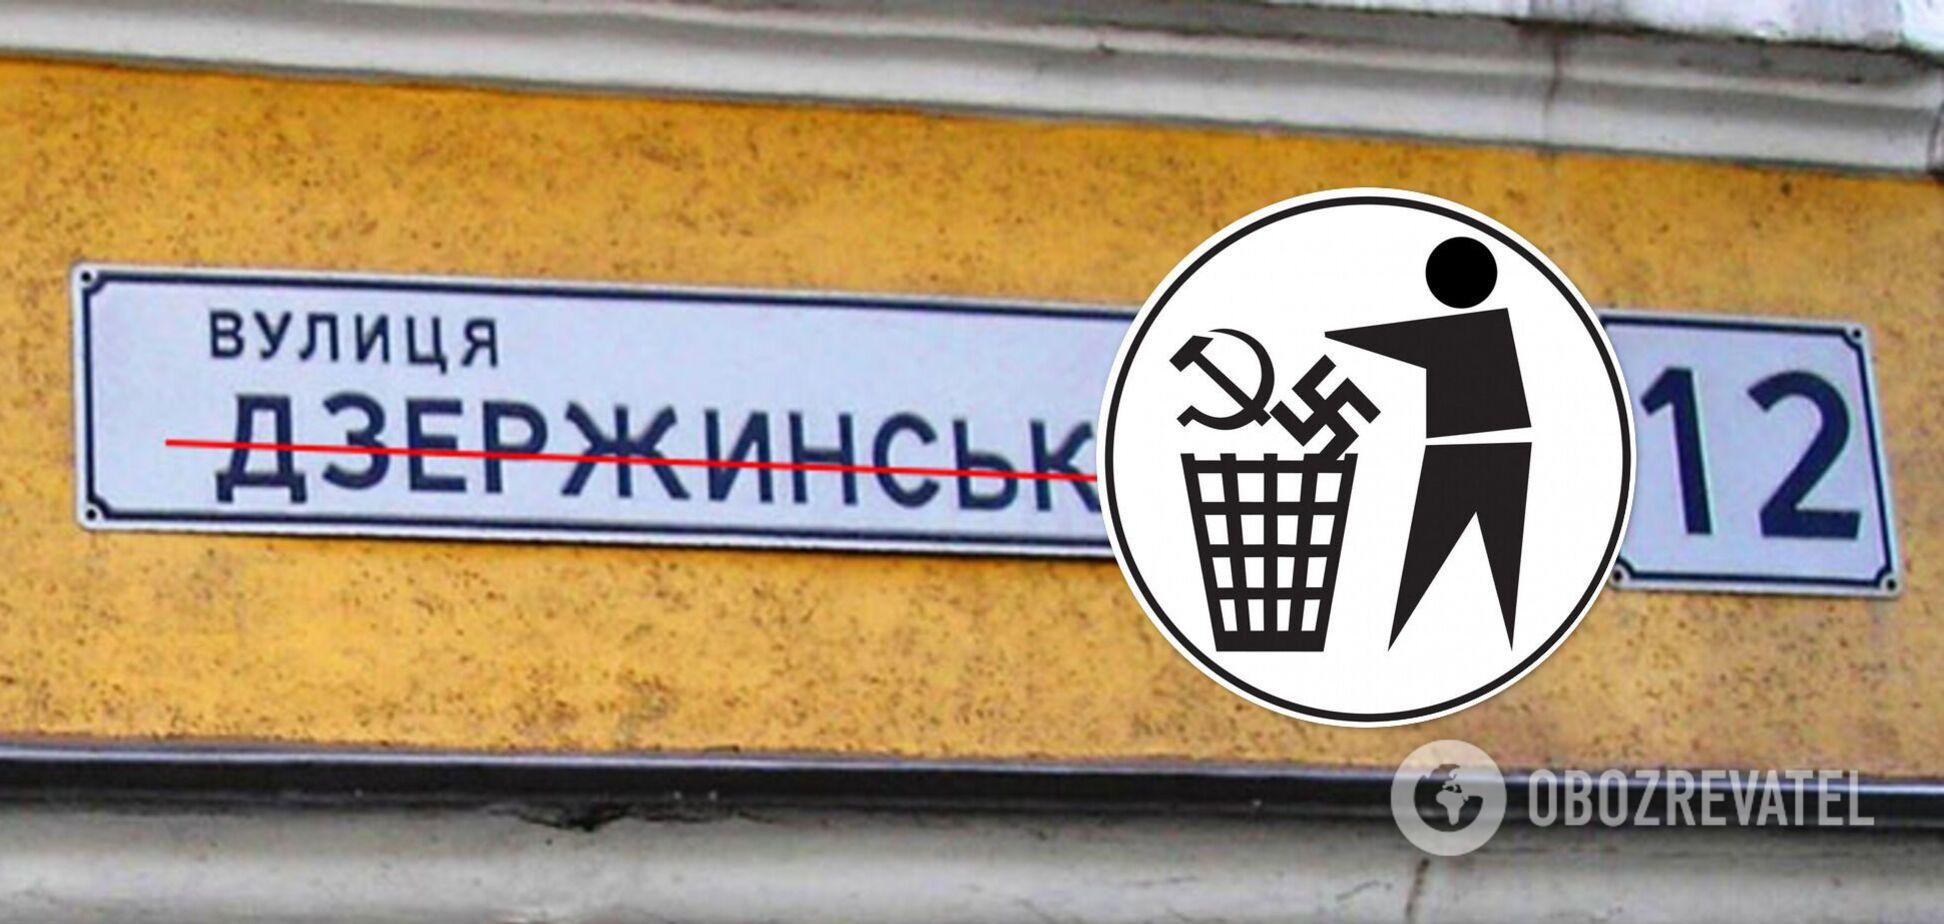 У Херсоні – засилля вулиць із 'комуністичними' назвами: у мережі звернули увагу